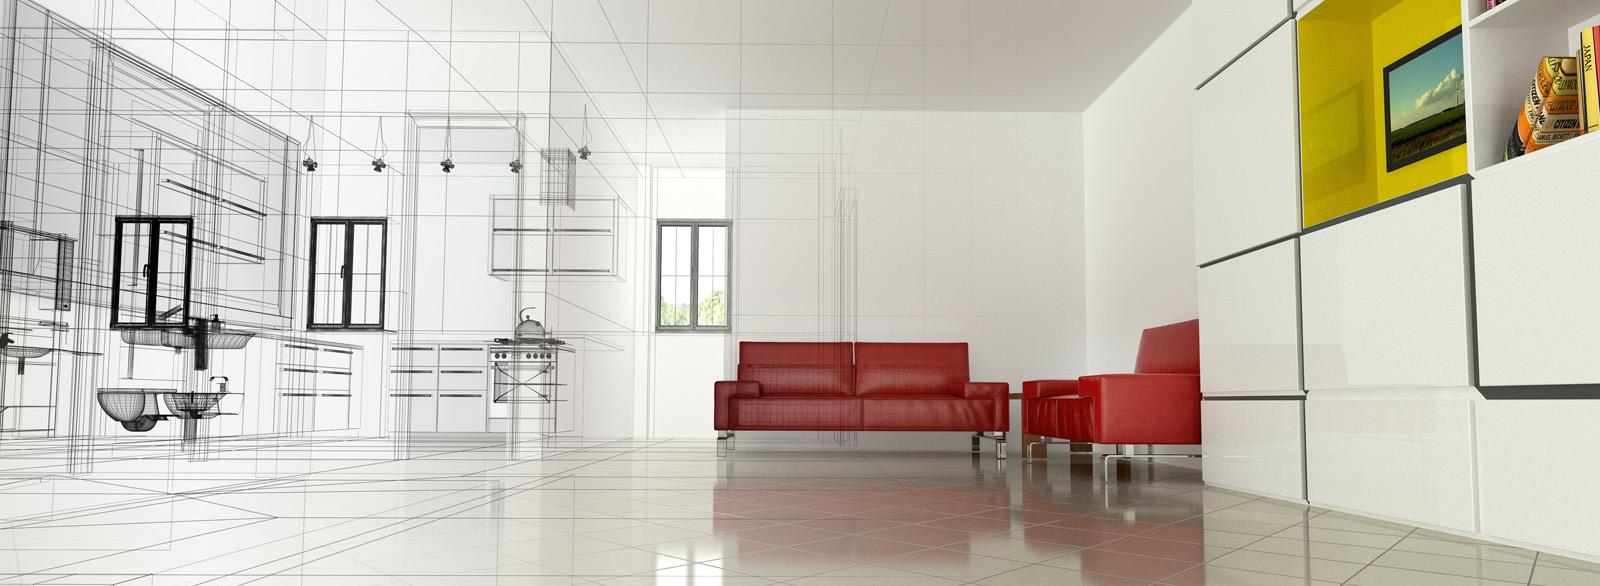 Proyectos Interiorismo Experto Proyectos Dsigno